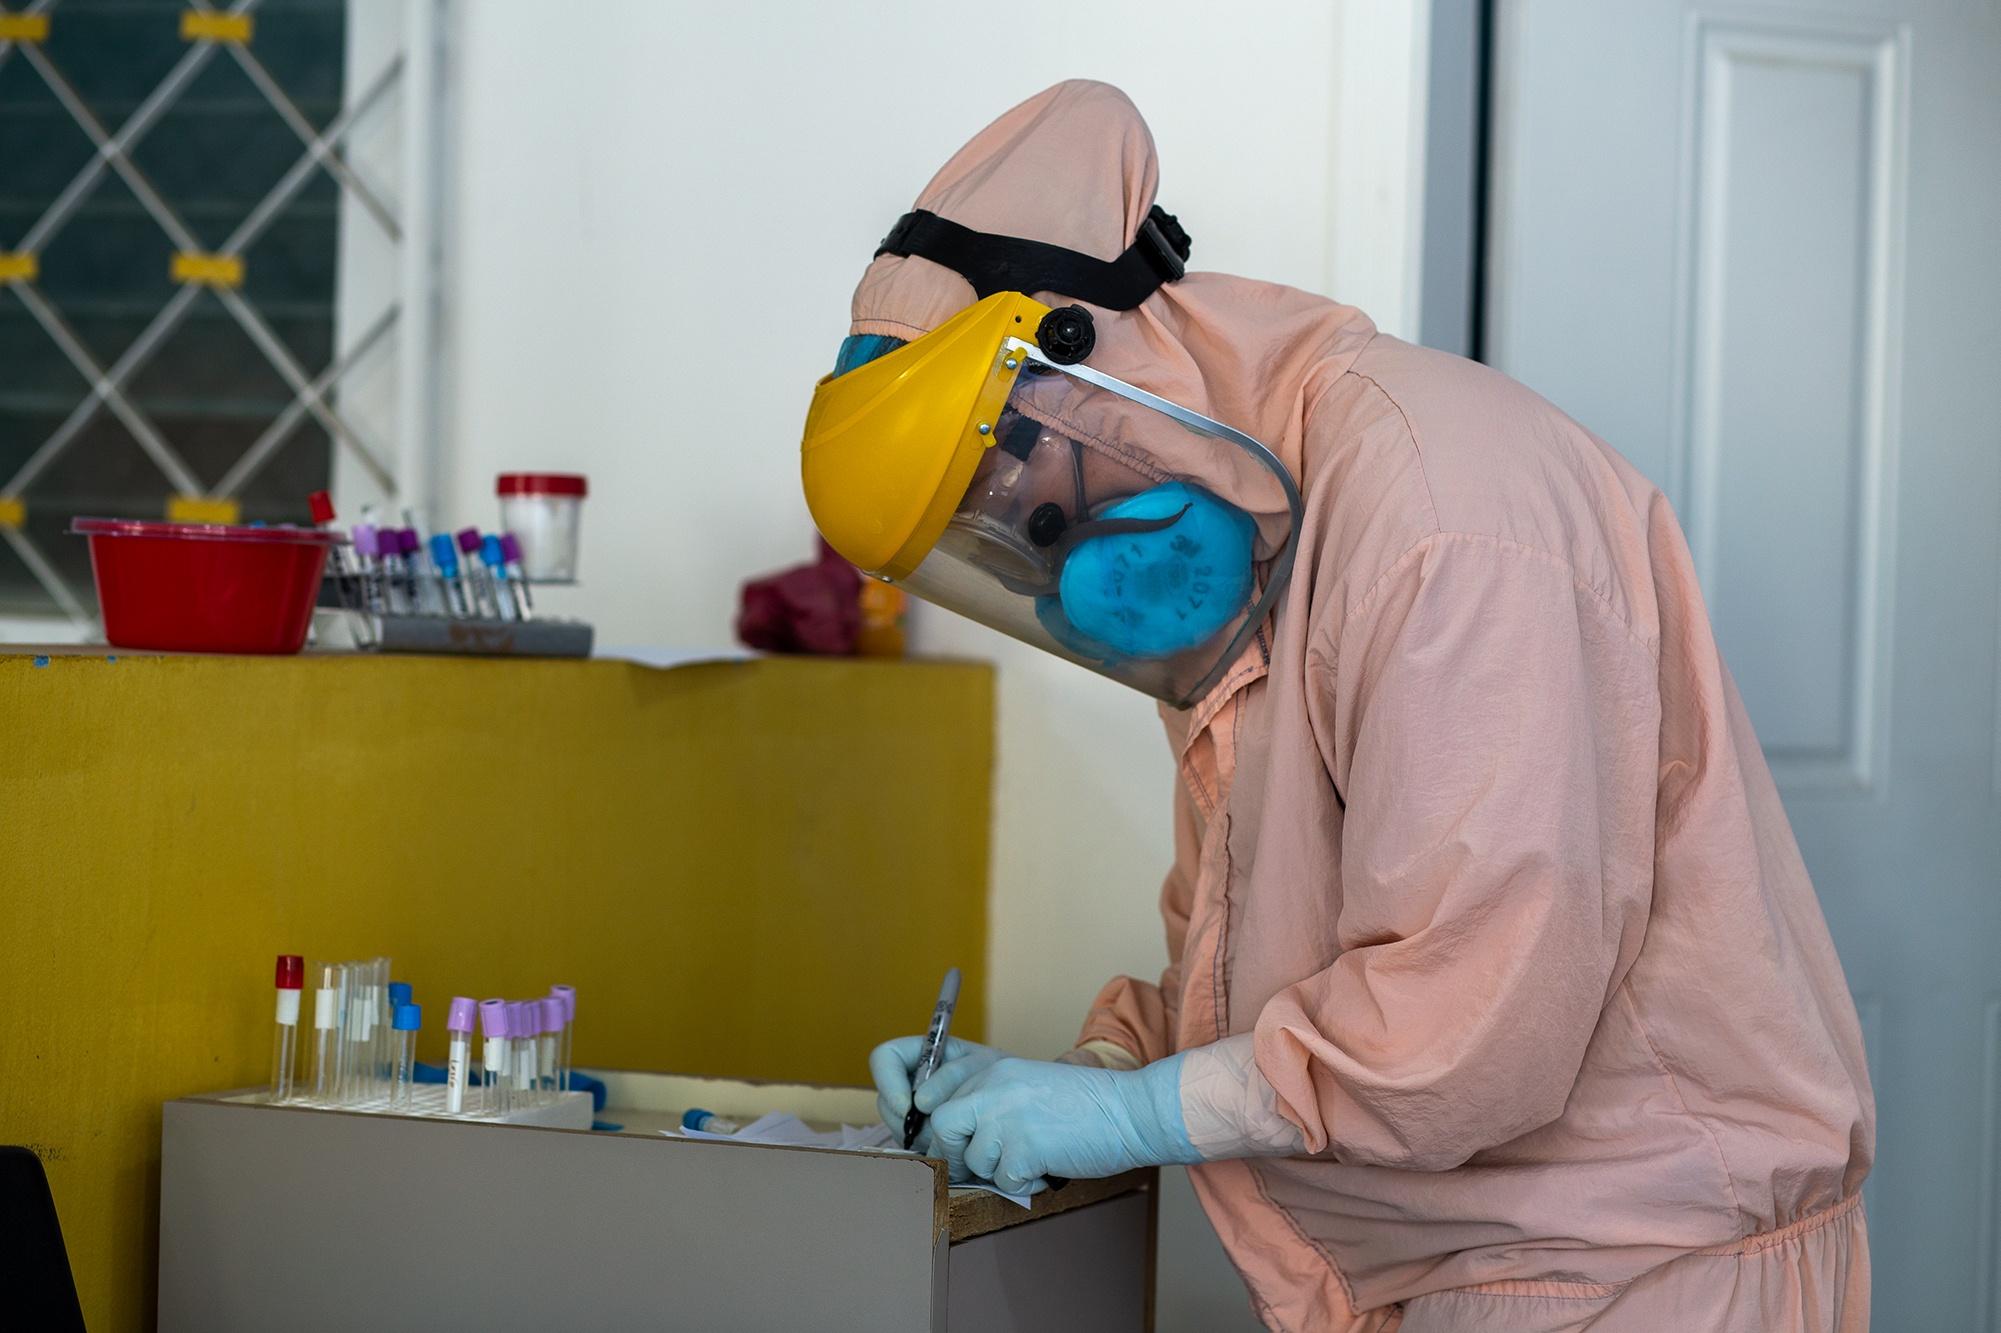 En la Sala Covid-19 del Hospital Santa Bárbara Integrado, una laboratorista rotula tubos de ensayo que serán usados para tomar muestras de sangre para detectar Covid-19. Santa Bárbara, 26 de enero de 2021. Foto: Martín Cálix.